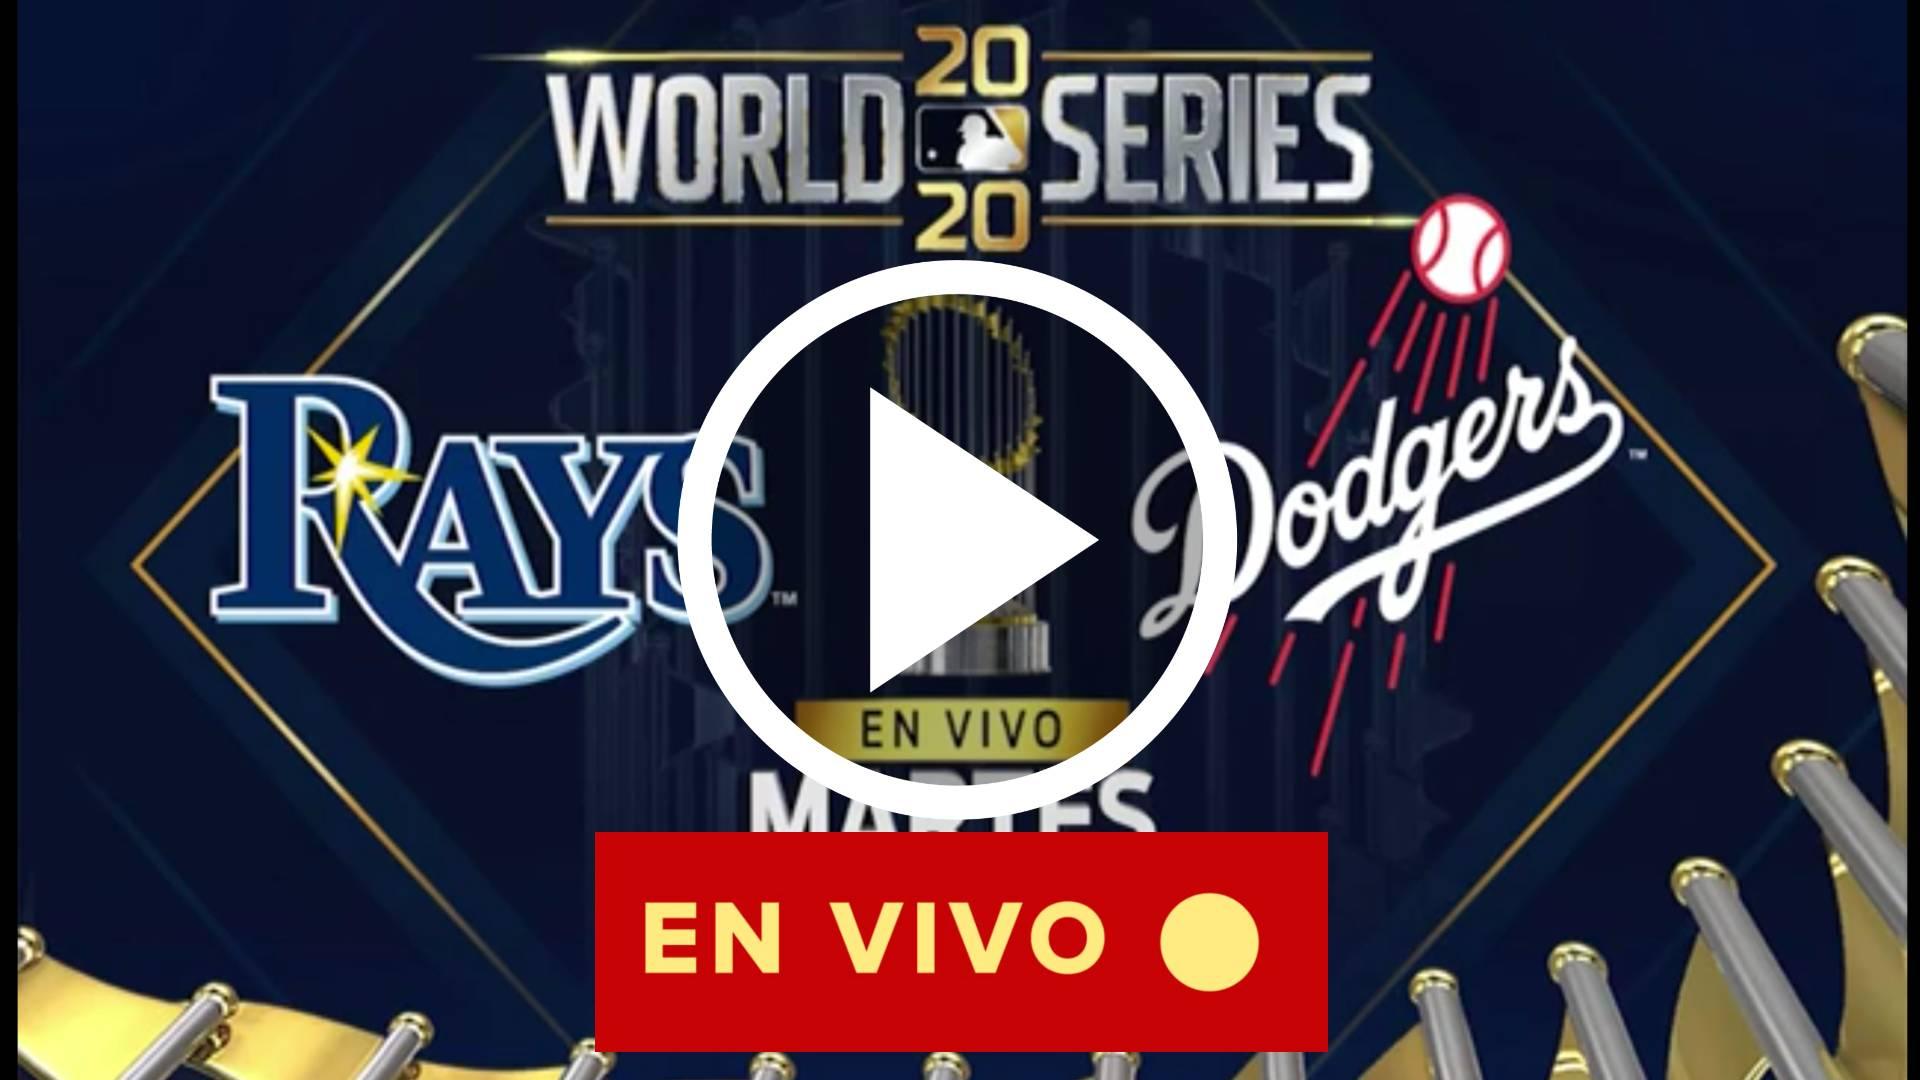 Cómo ver a los Tampa Bay Rays vs. Los Angeles Dodgers